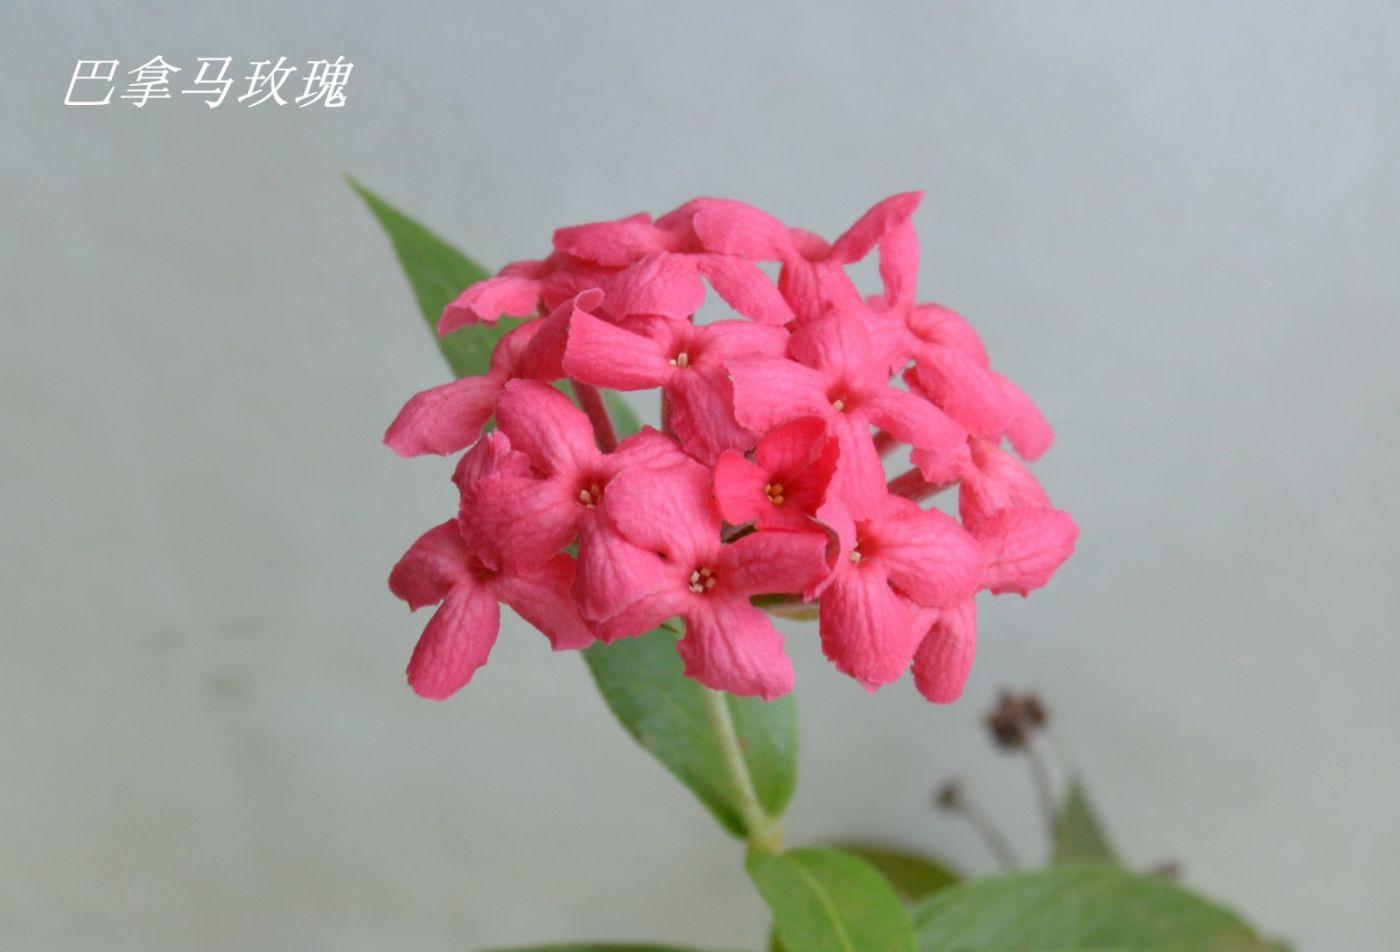 花草图谱 (14)_图1-24